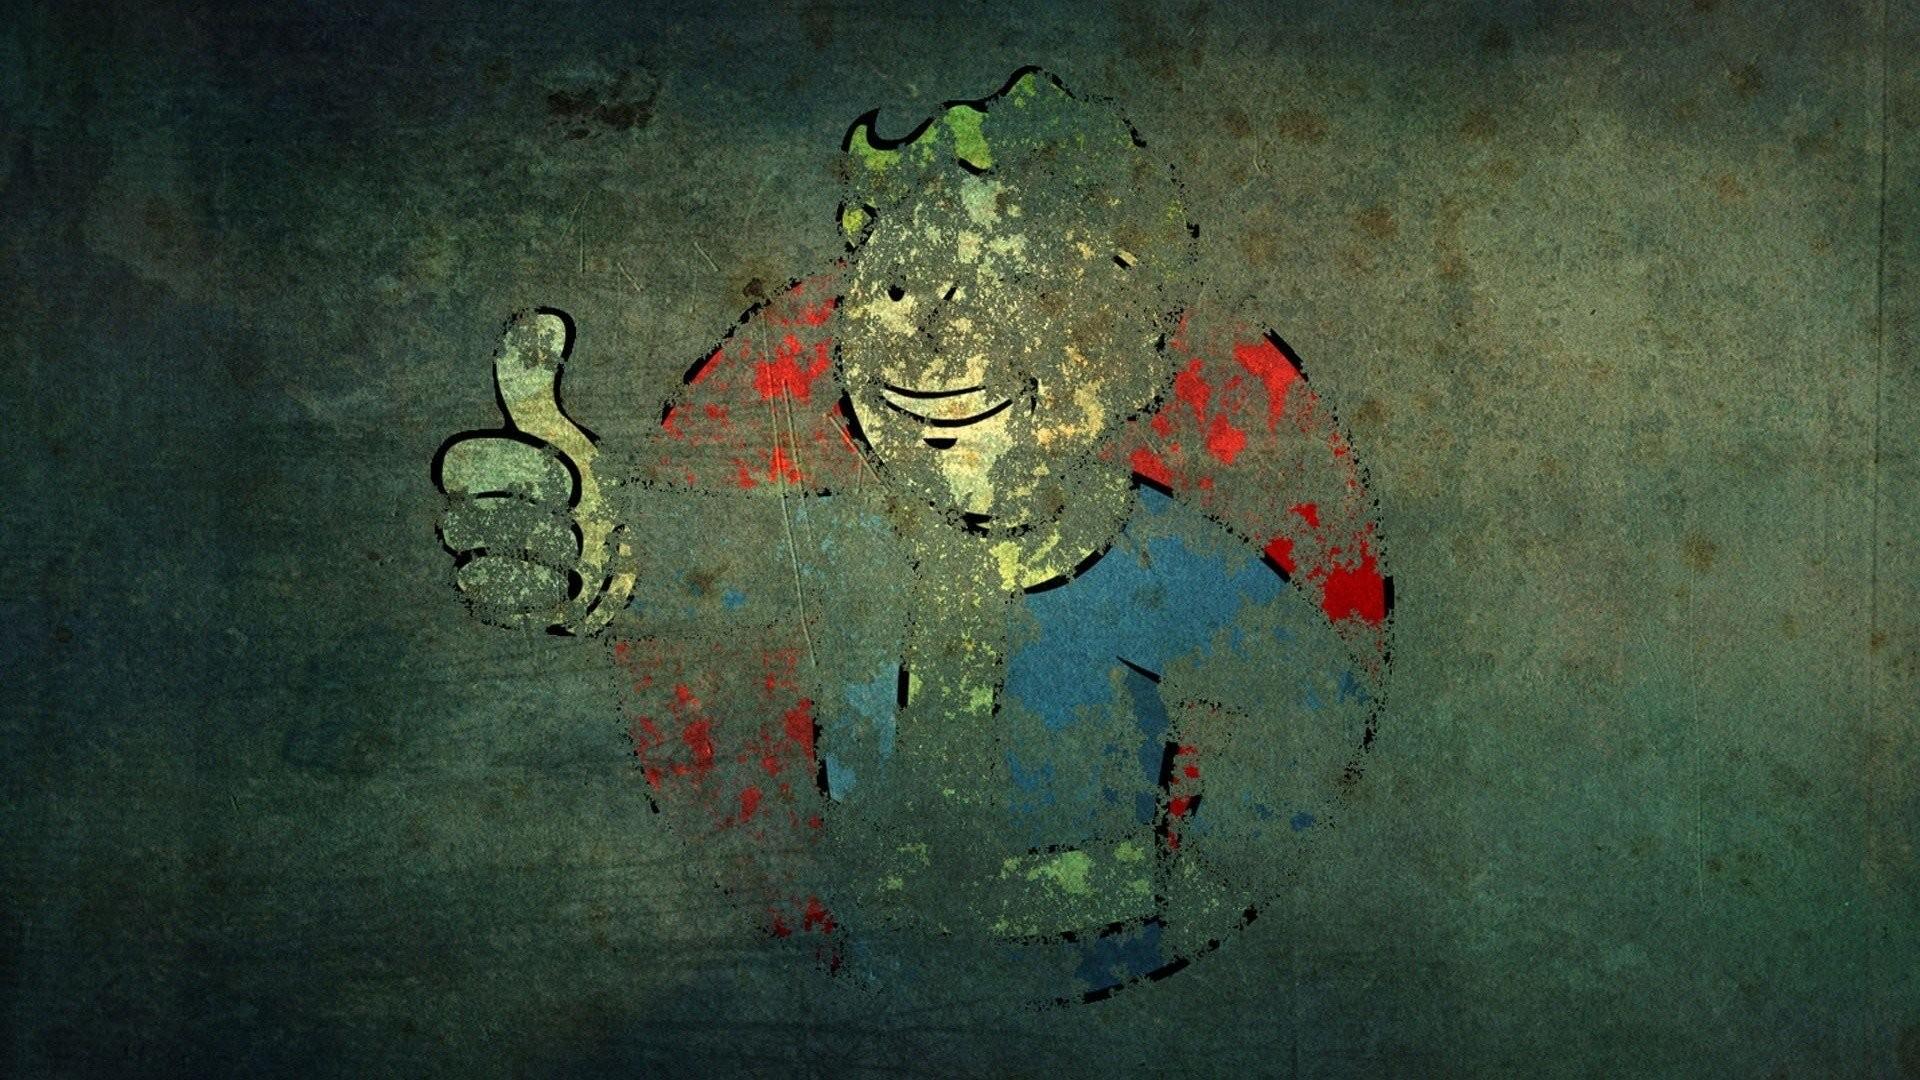 Video games Fallout grunge Vault Boy wallpaper     341067 .